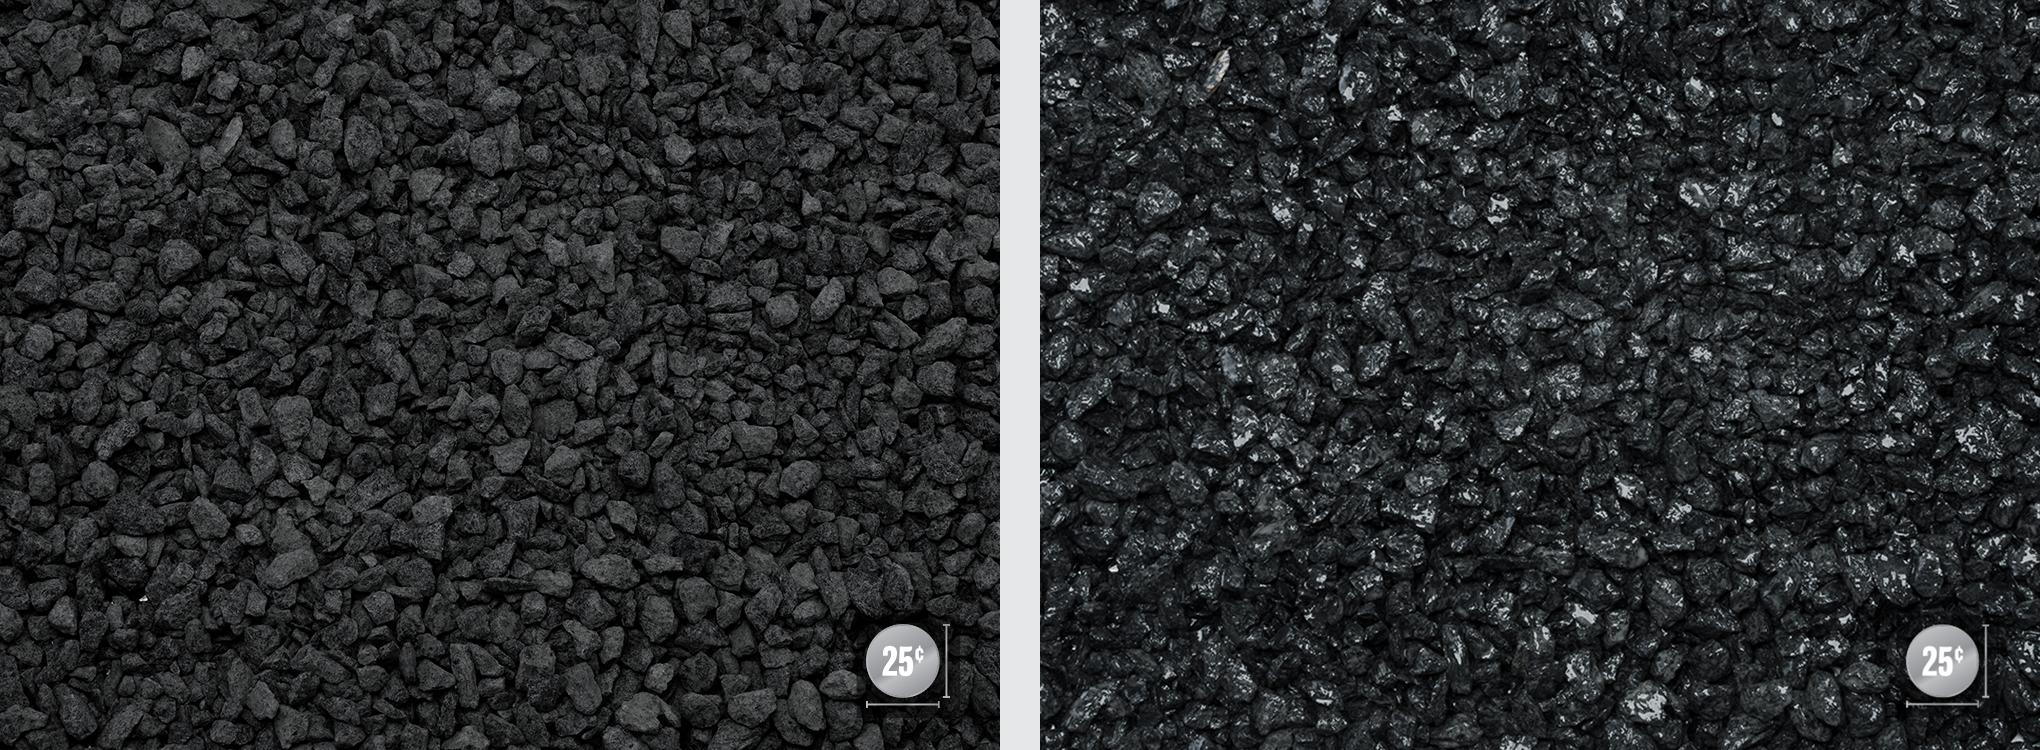 """1/4"""" - 1/2"""" (Left: Dry, Right: Wet)"""